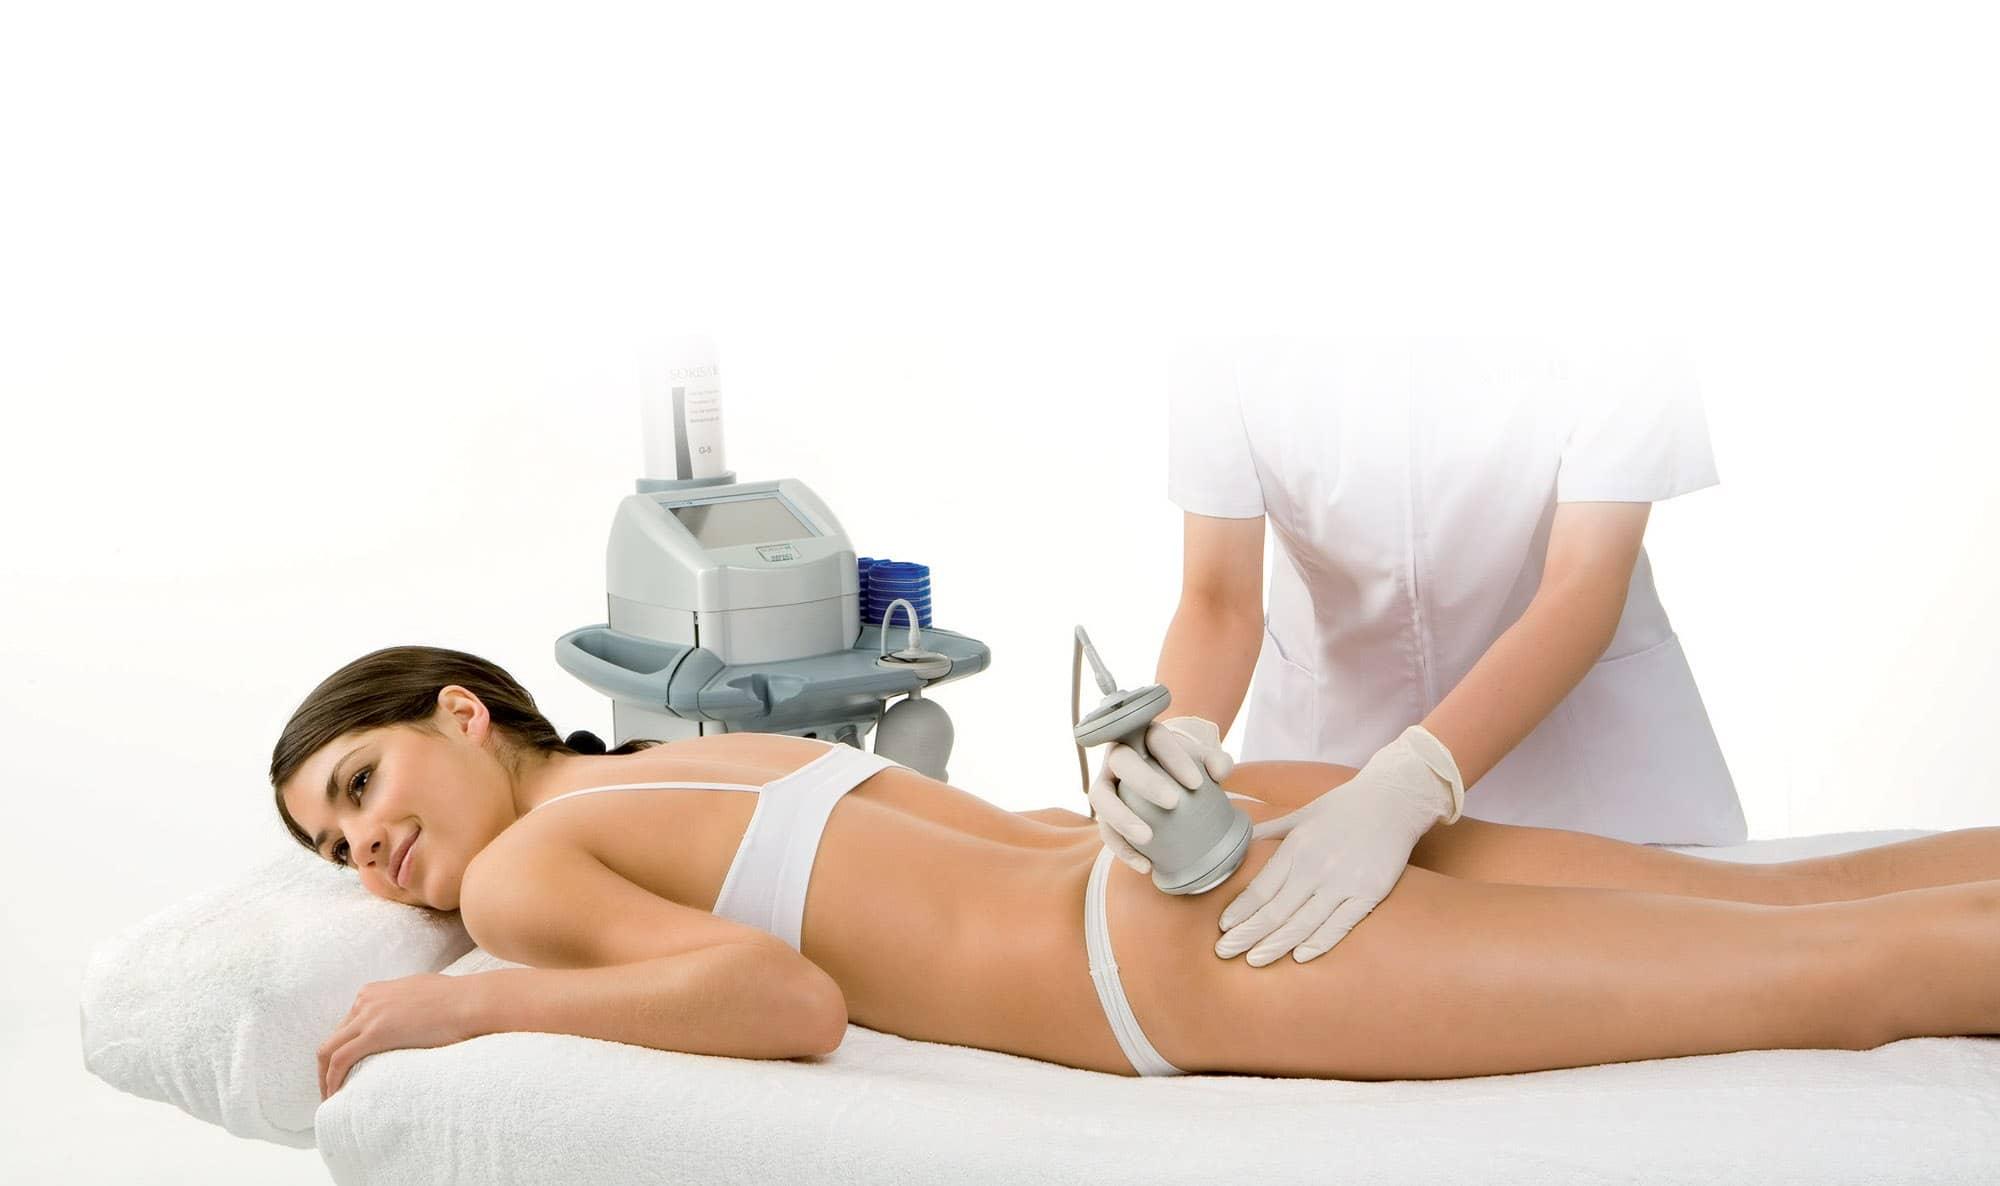 Комплекс процедур для похудения в салоне красоты